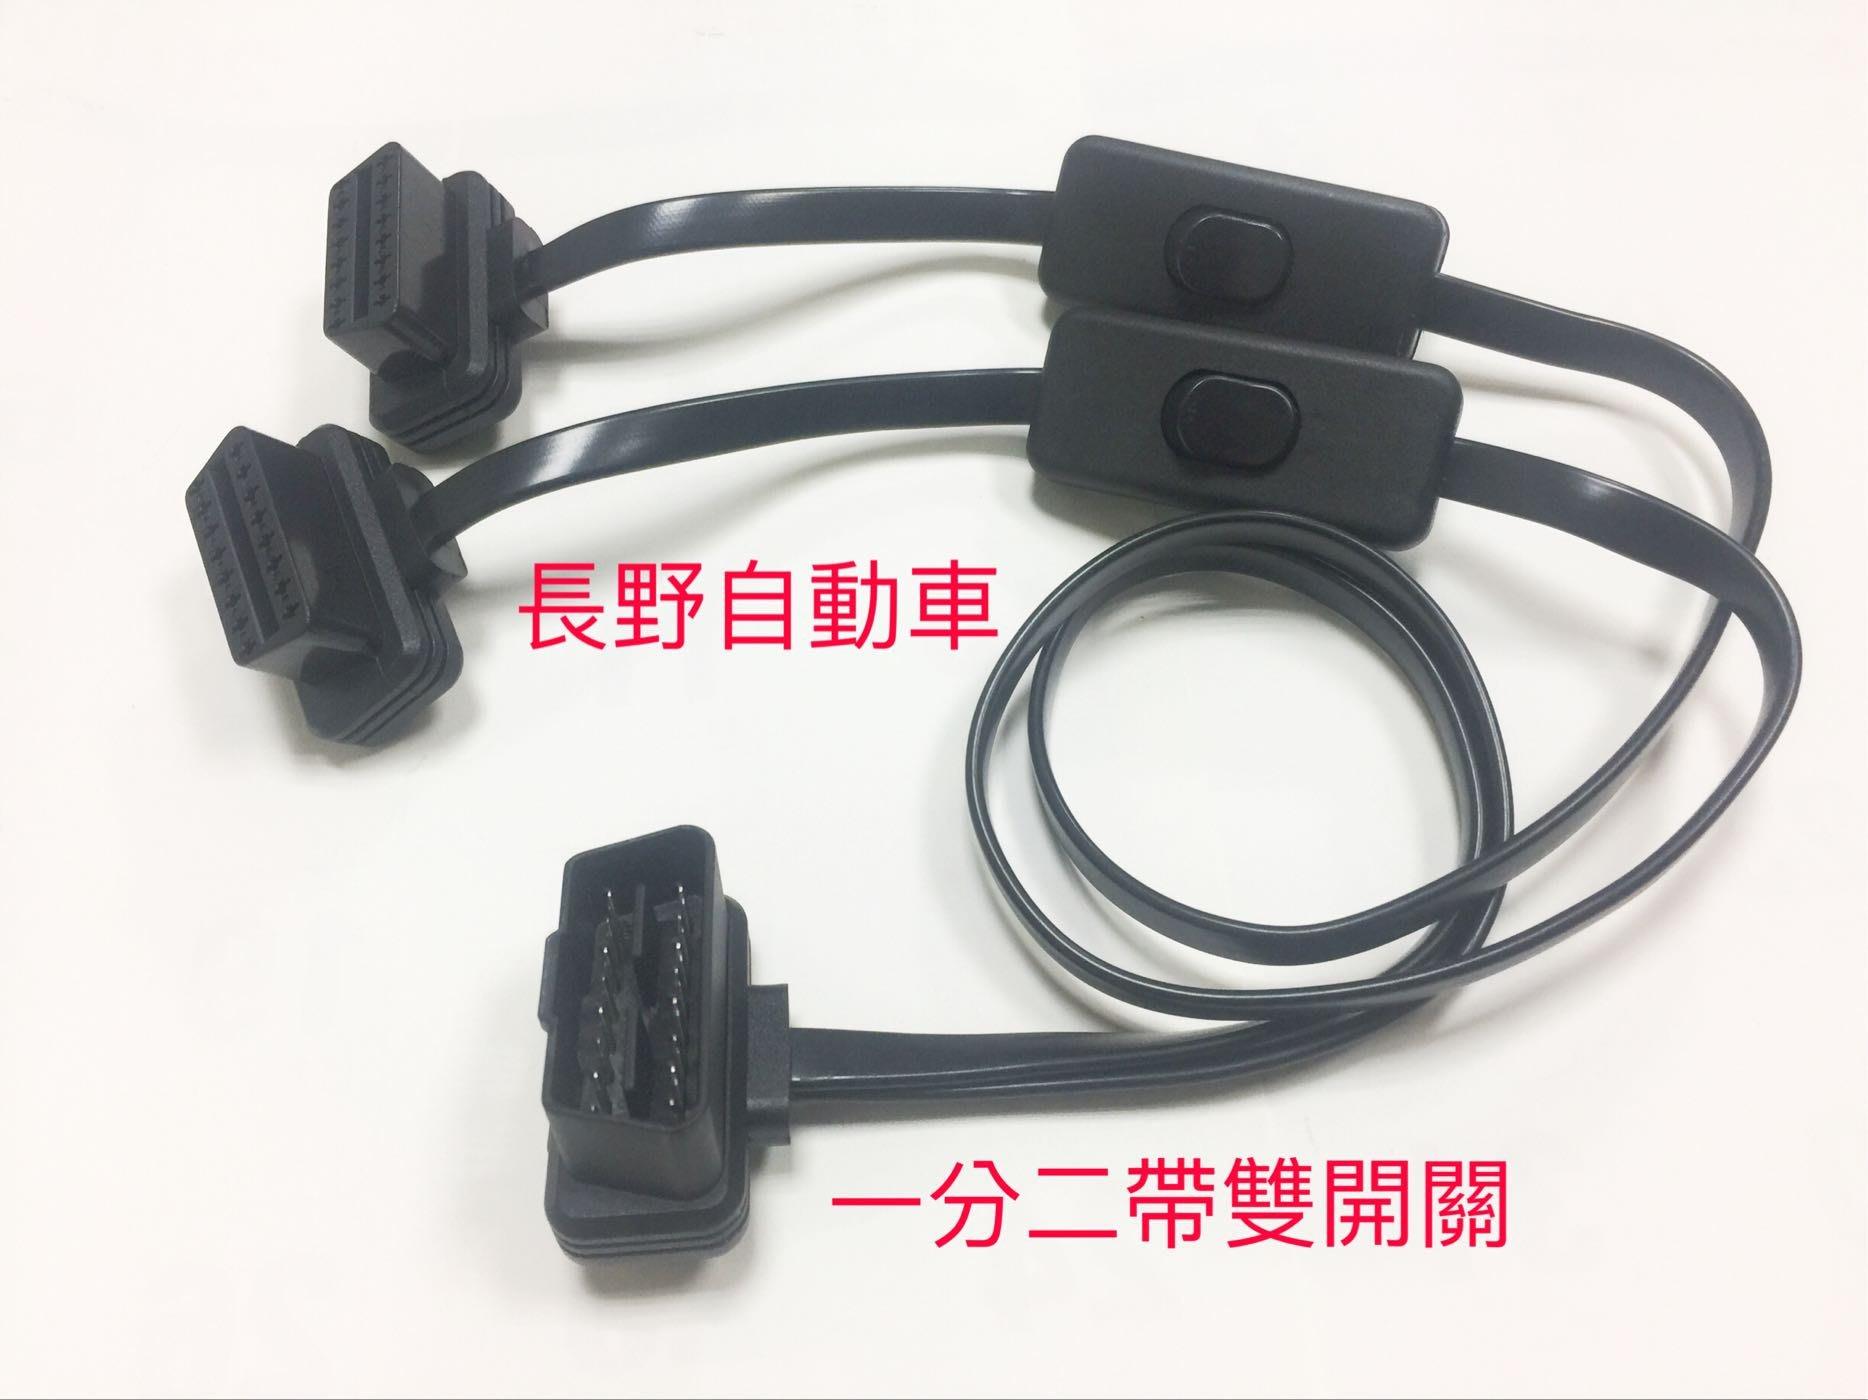 現貨不用等 OBD2 一分二 超薄設計延長線 雙開關多國認證避免耗電對應各種OBD2 設備